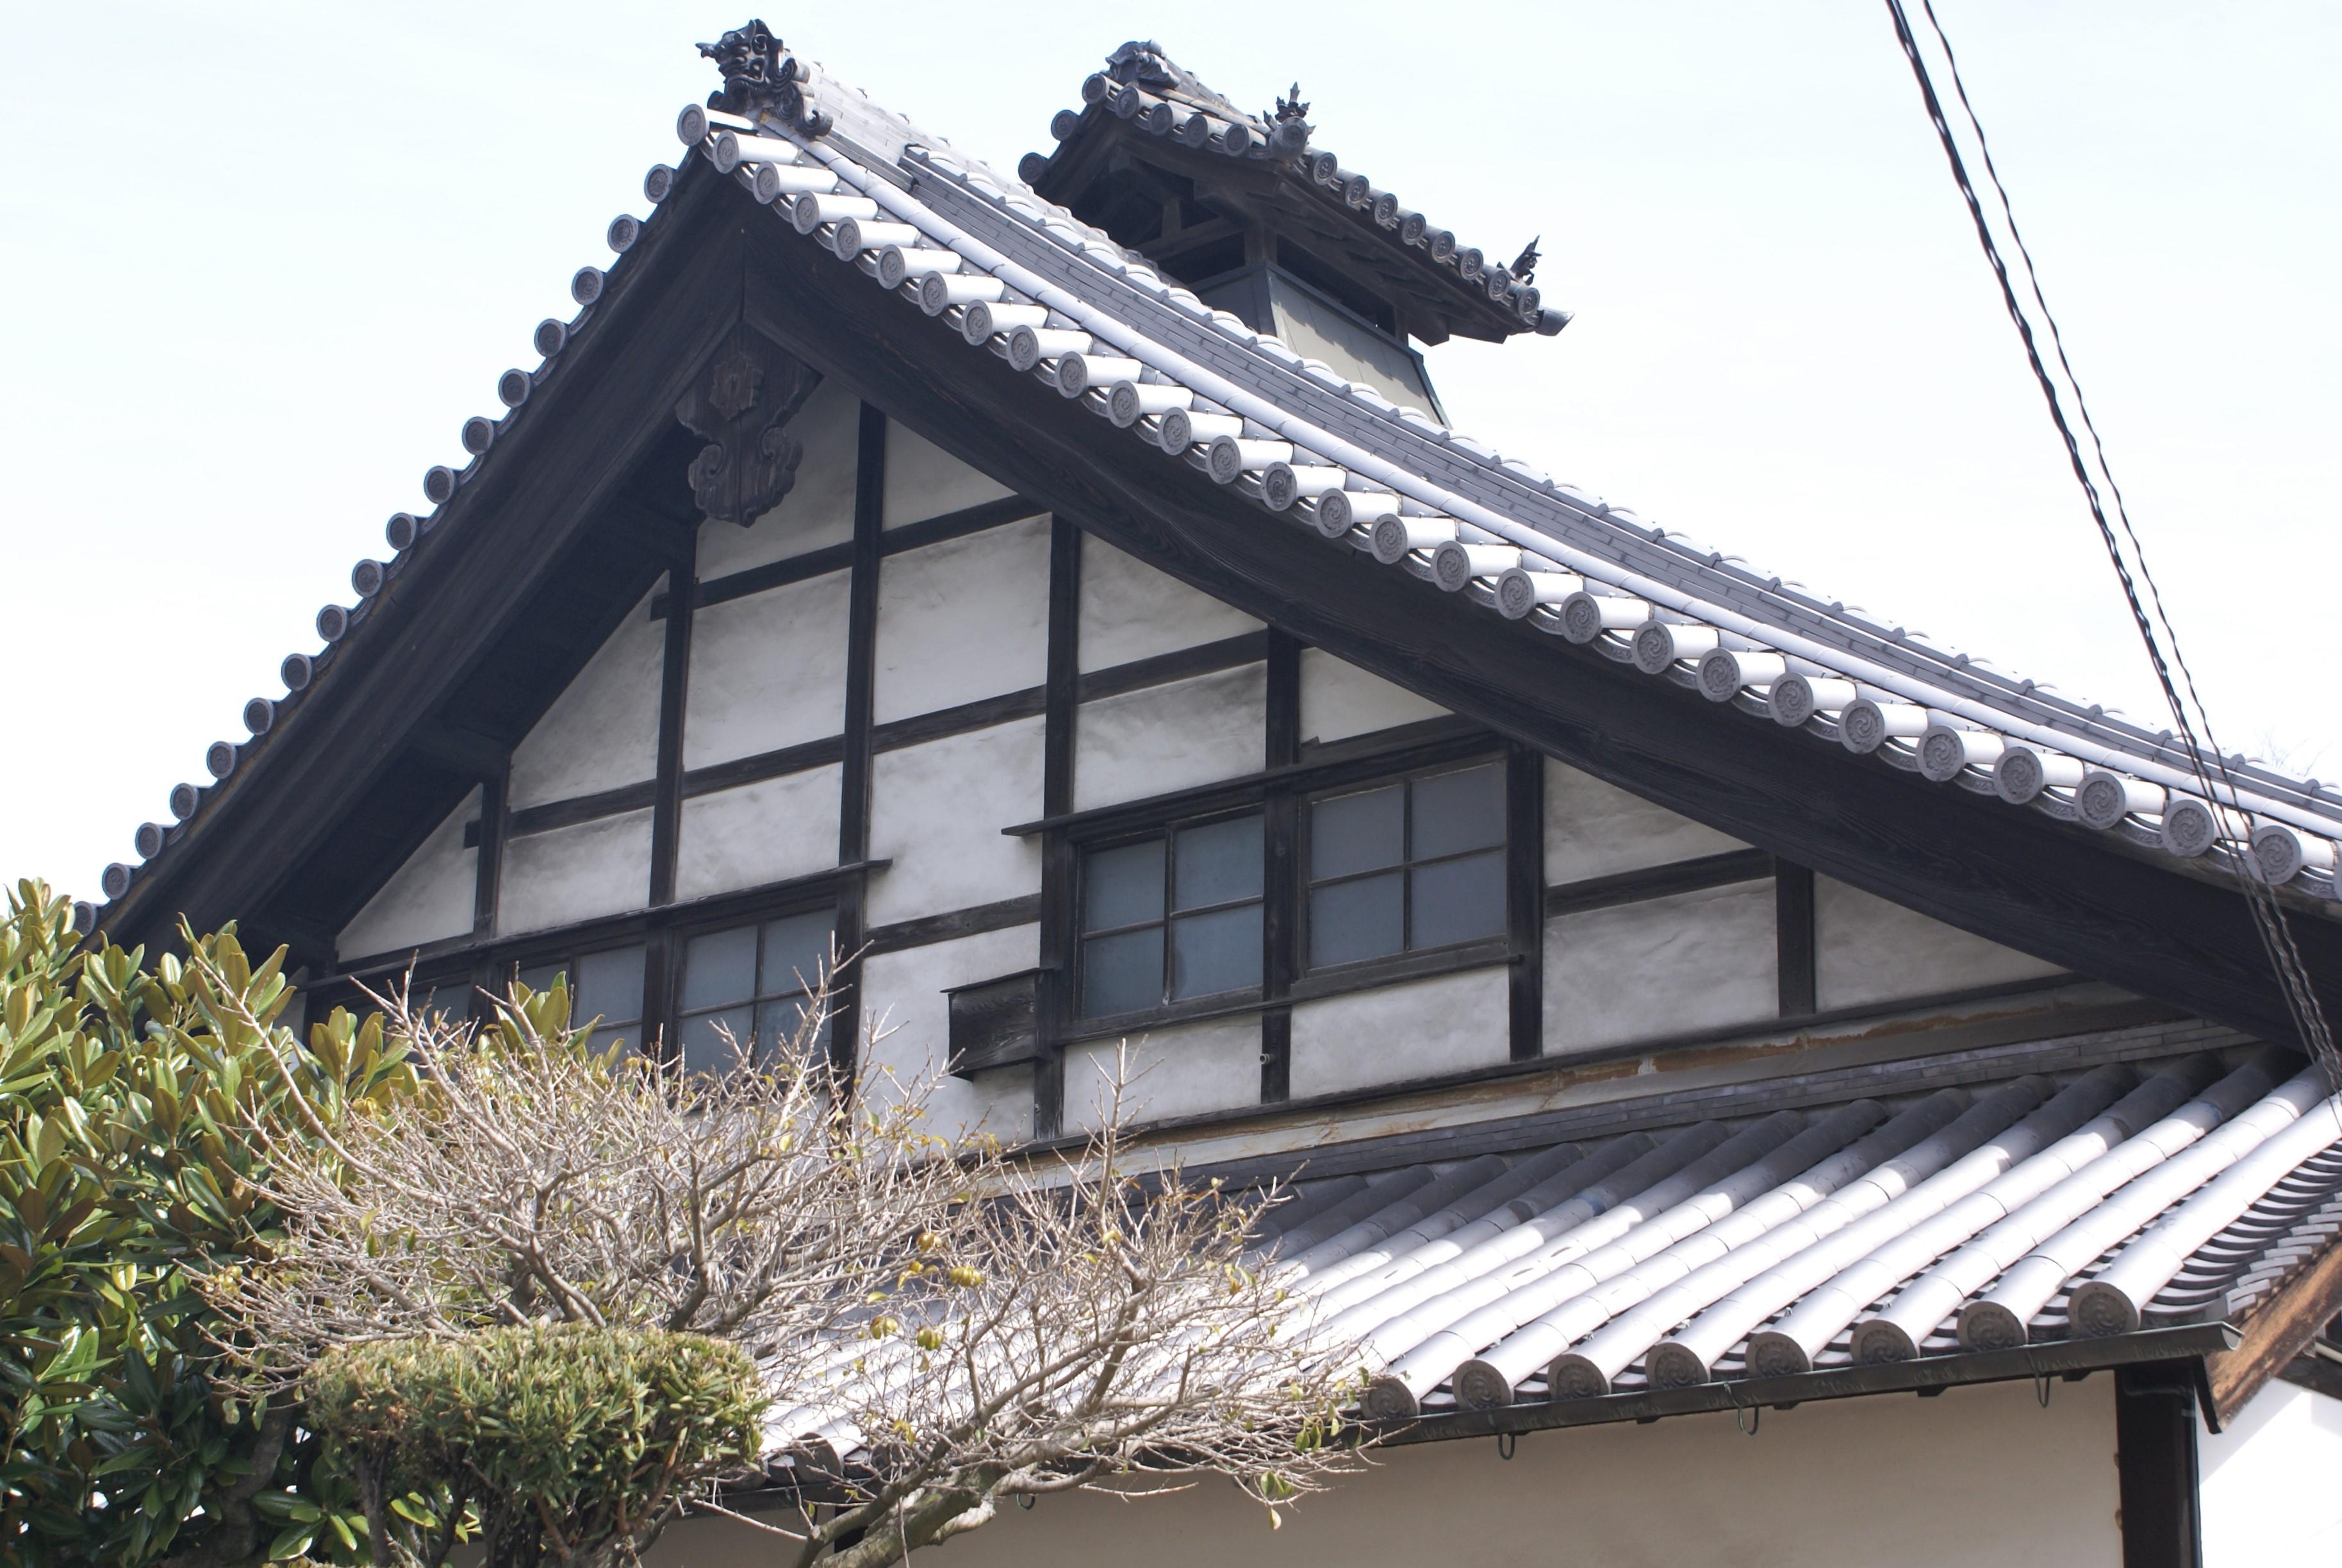 <p>山花面的意匠</p>懸山頂設廂屋。本瓦頂的大屋脊設出煙処。